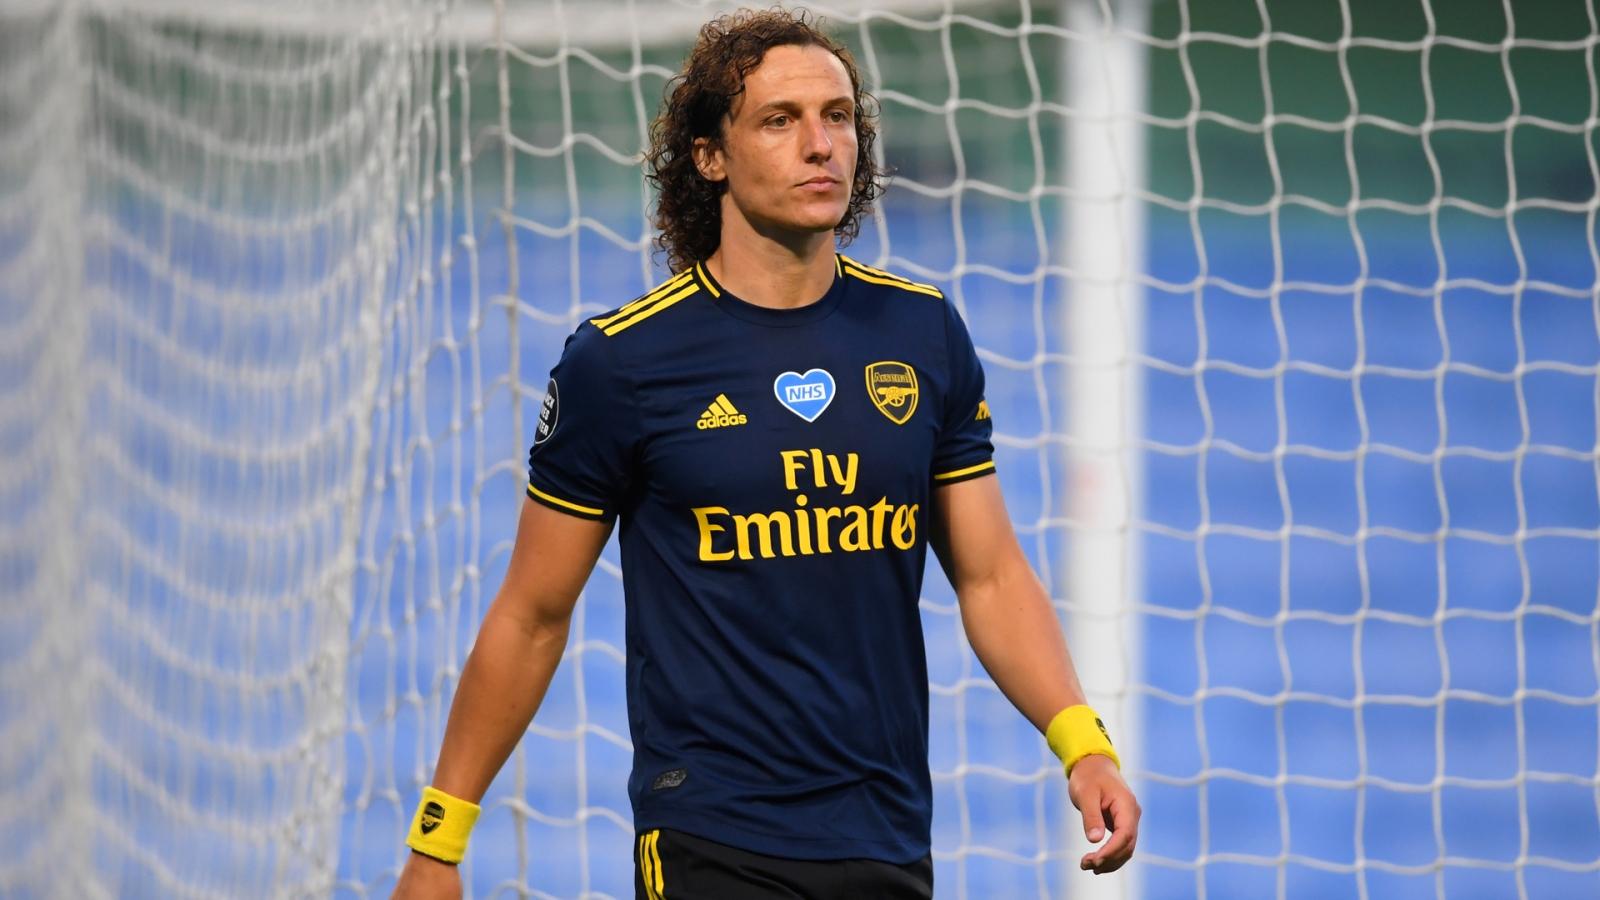 Thi đấu thảm họa, David Luiz vẫn được Arsenal gia hạn hợp đồng